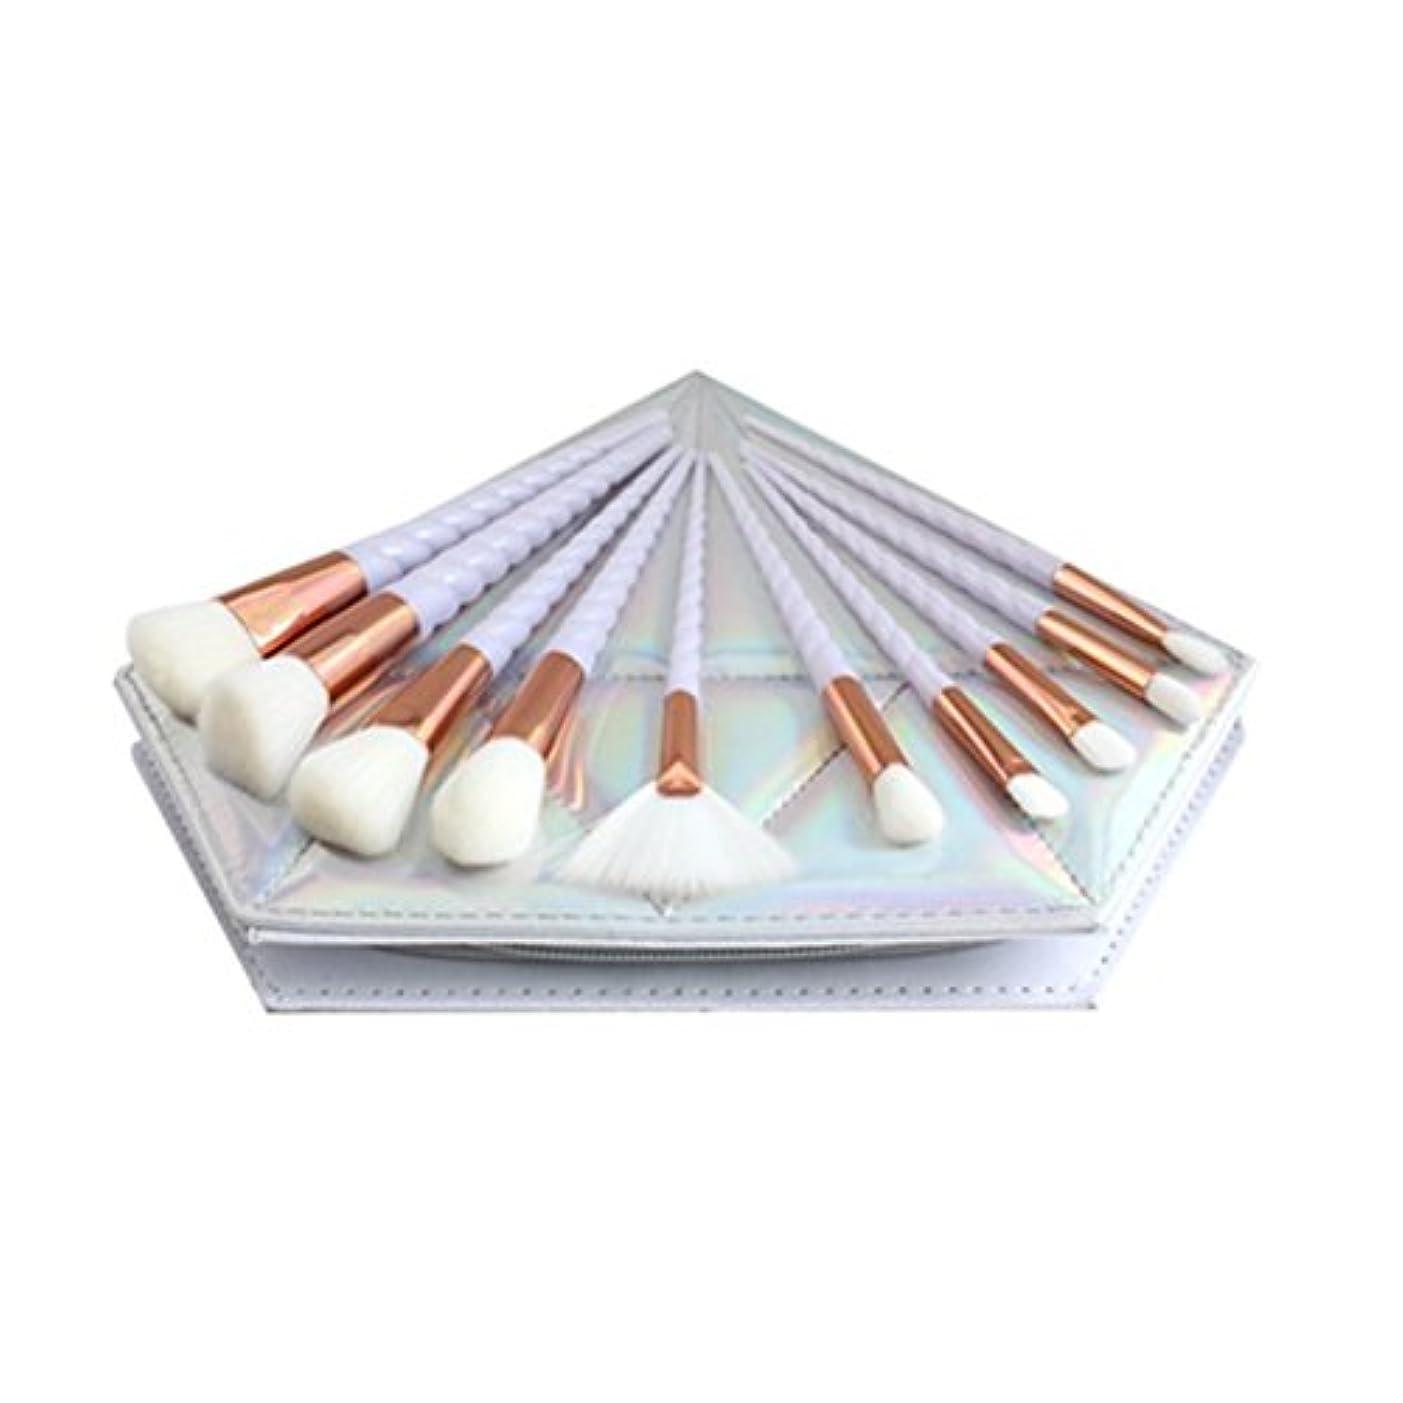 ステートメント免疫するアソシエイトDilla Beauty 10本セットユニコーンデザインプラスチックハンドル形状メイクブラシセット合成毛ファンデーションブラシアイシャドーブラッシャー美容ツール美しい化粧品のバッグを送る (白い柄 - 白い髪)